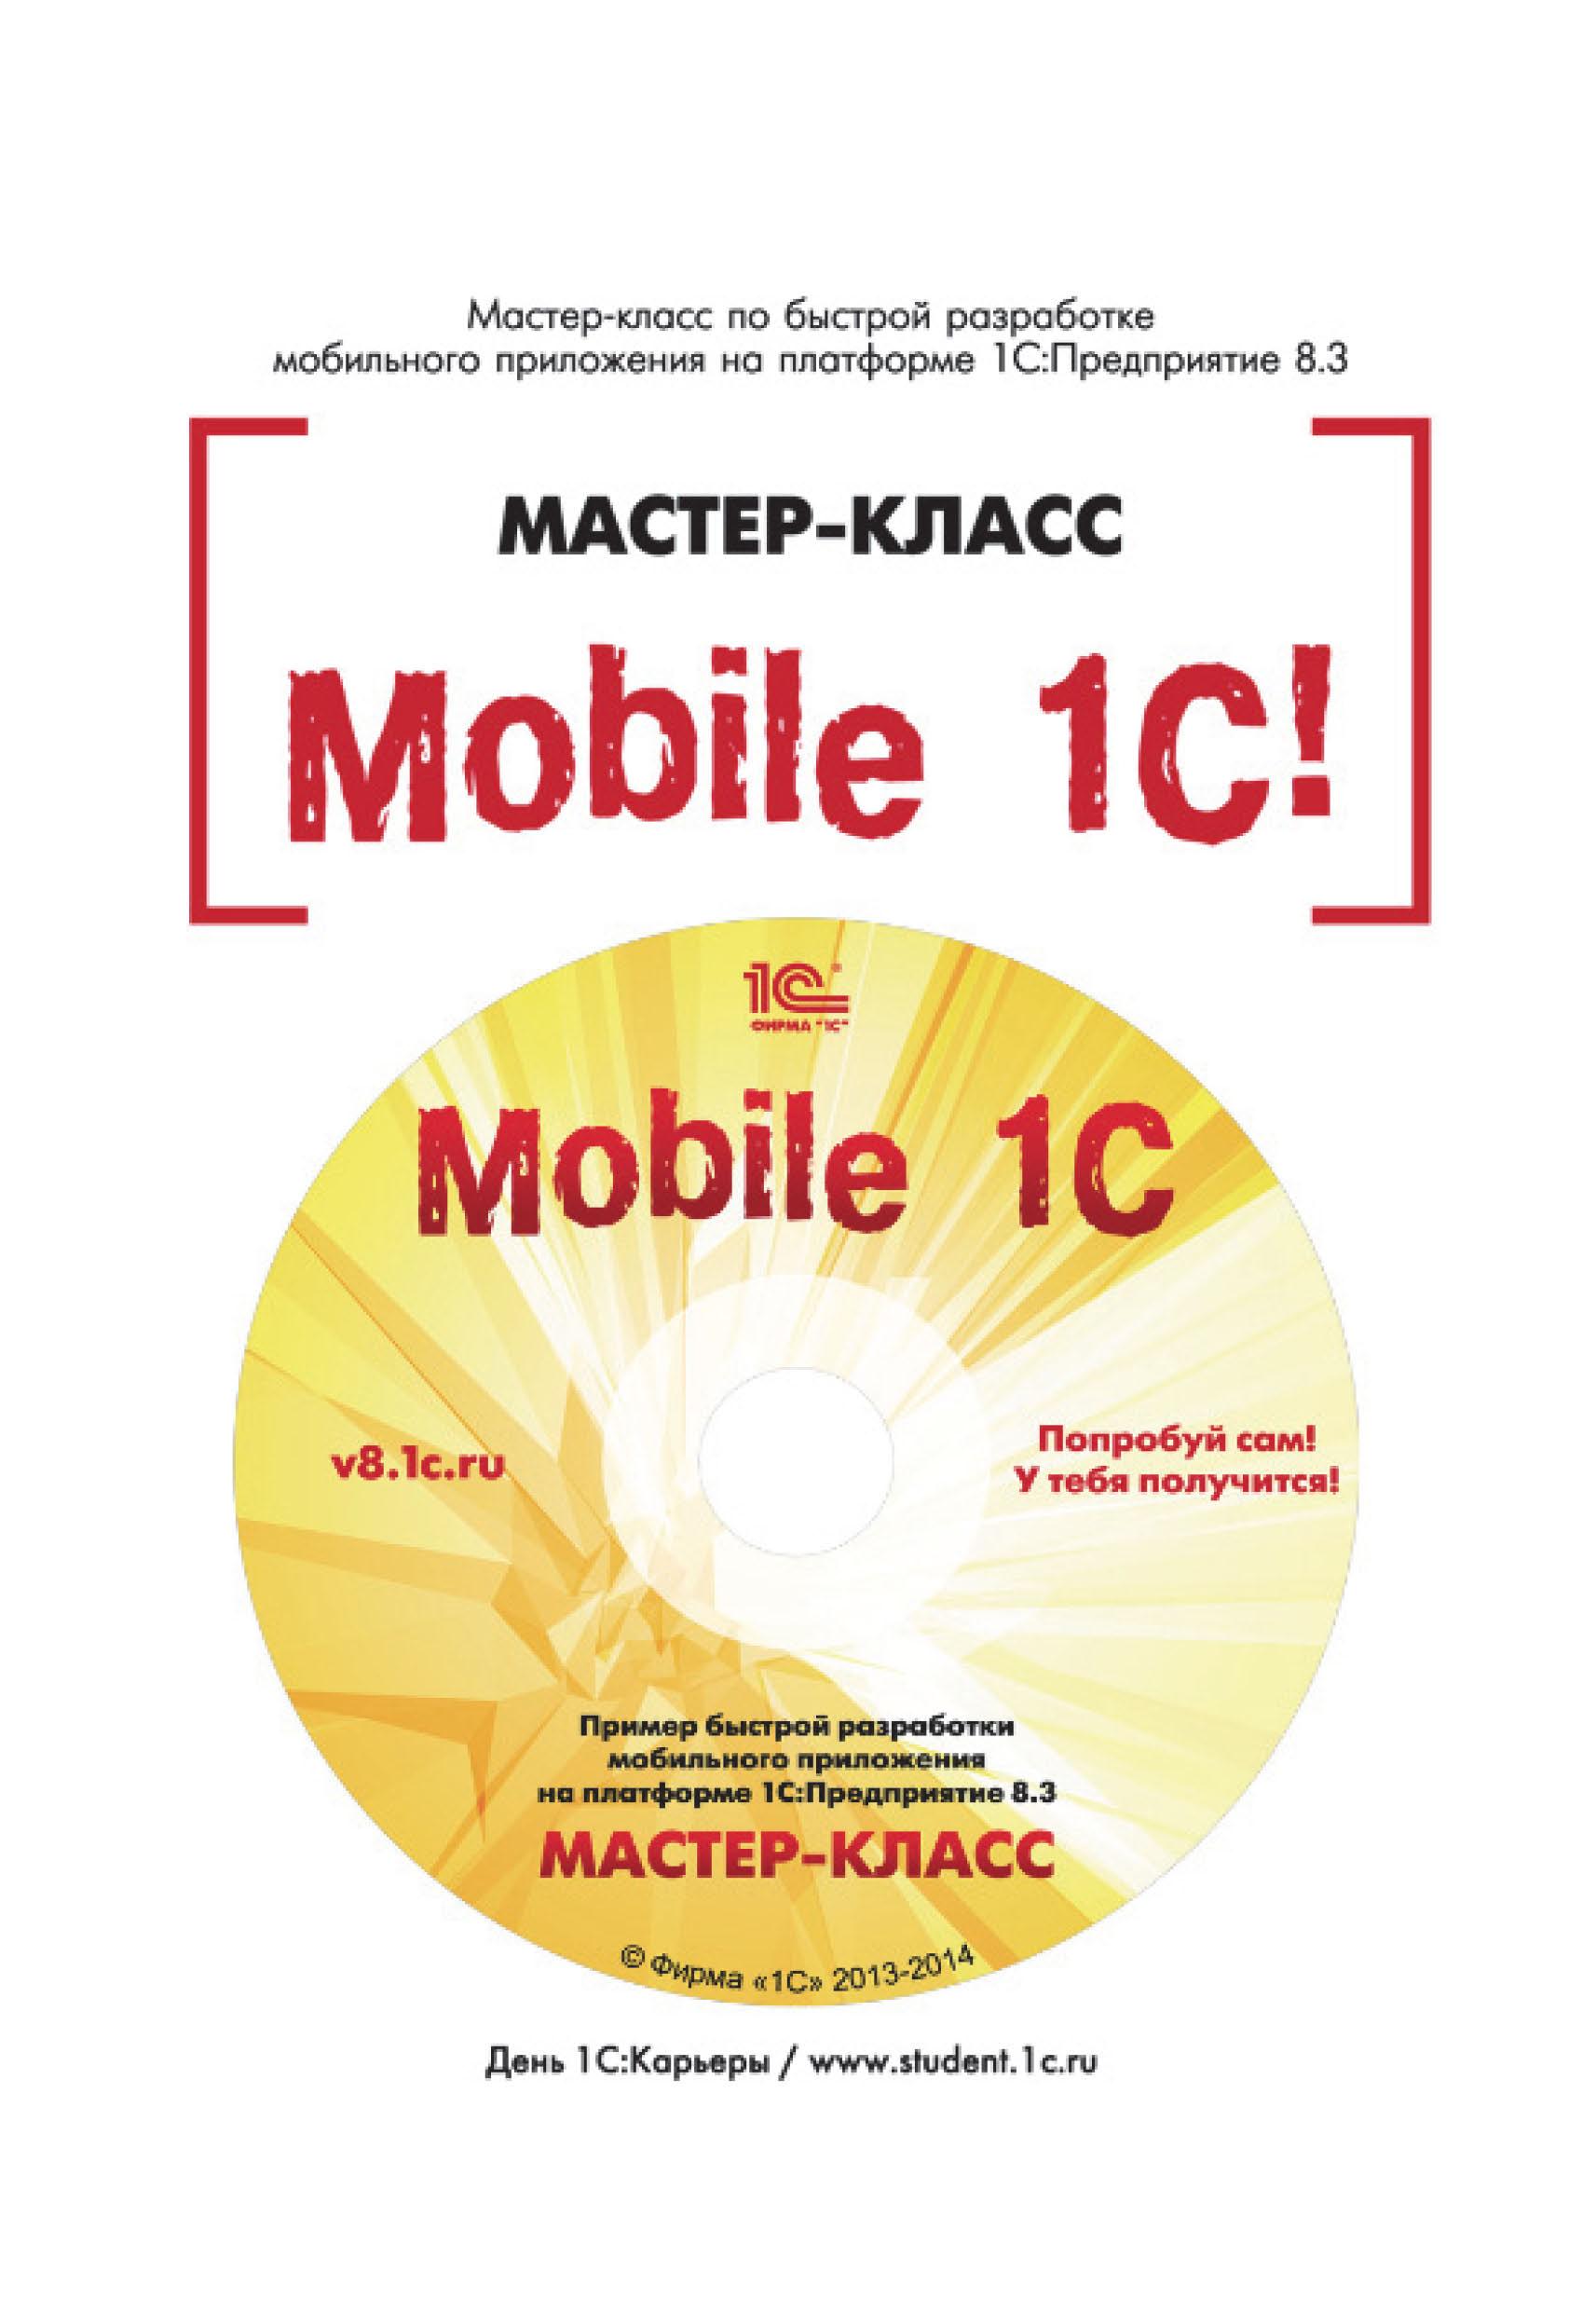 Mobile 1С. Пример быстрой разработки мобильного приложения на платформе 1С:Предприятие 8.3. Мастер-класс (+epub)